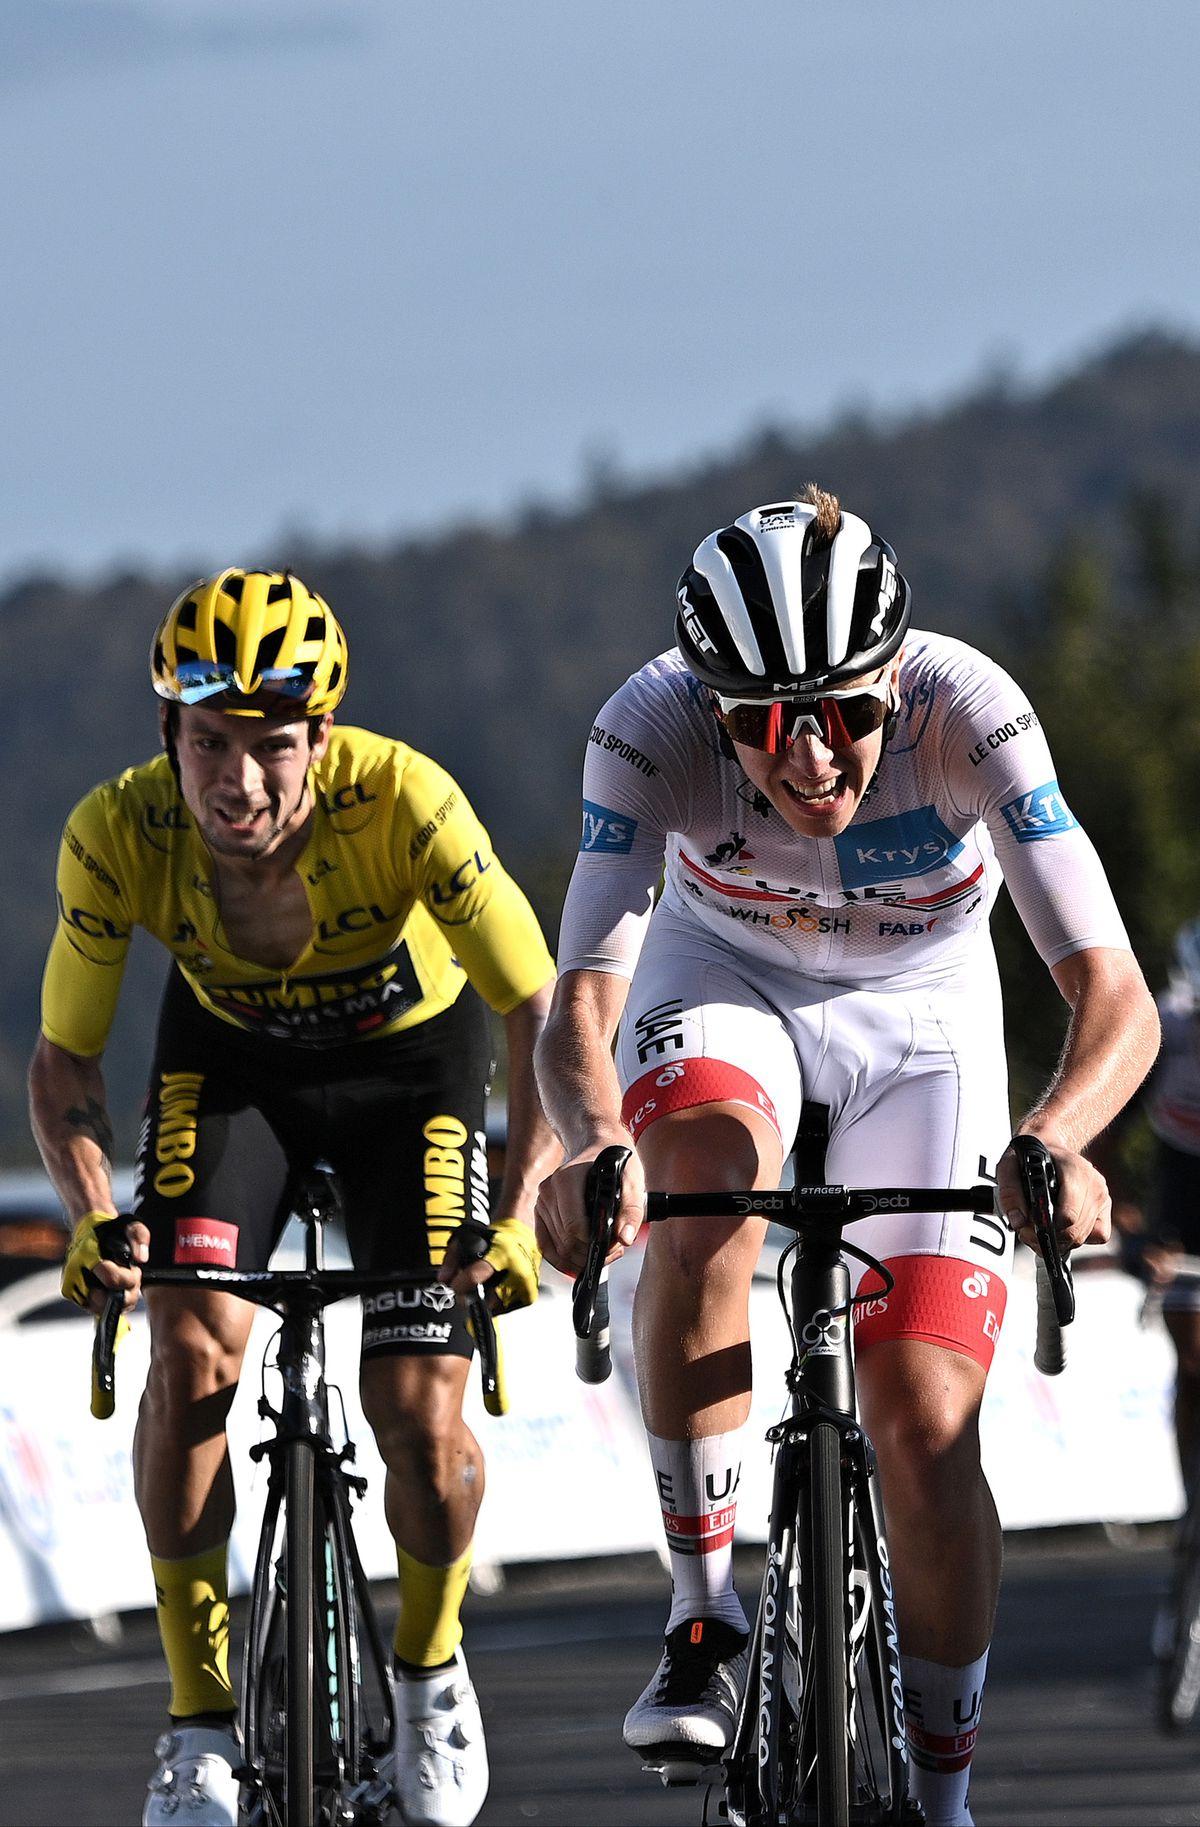 107th Tour de France 2020 - Stage 15